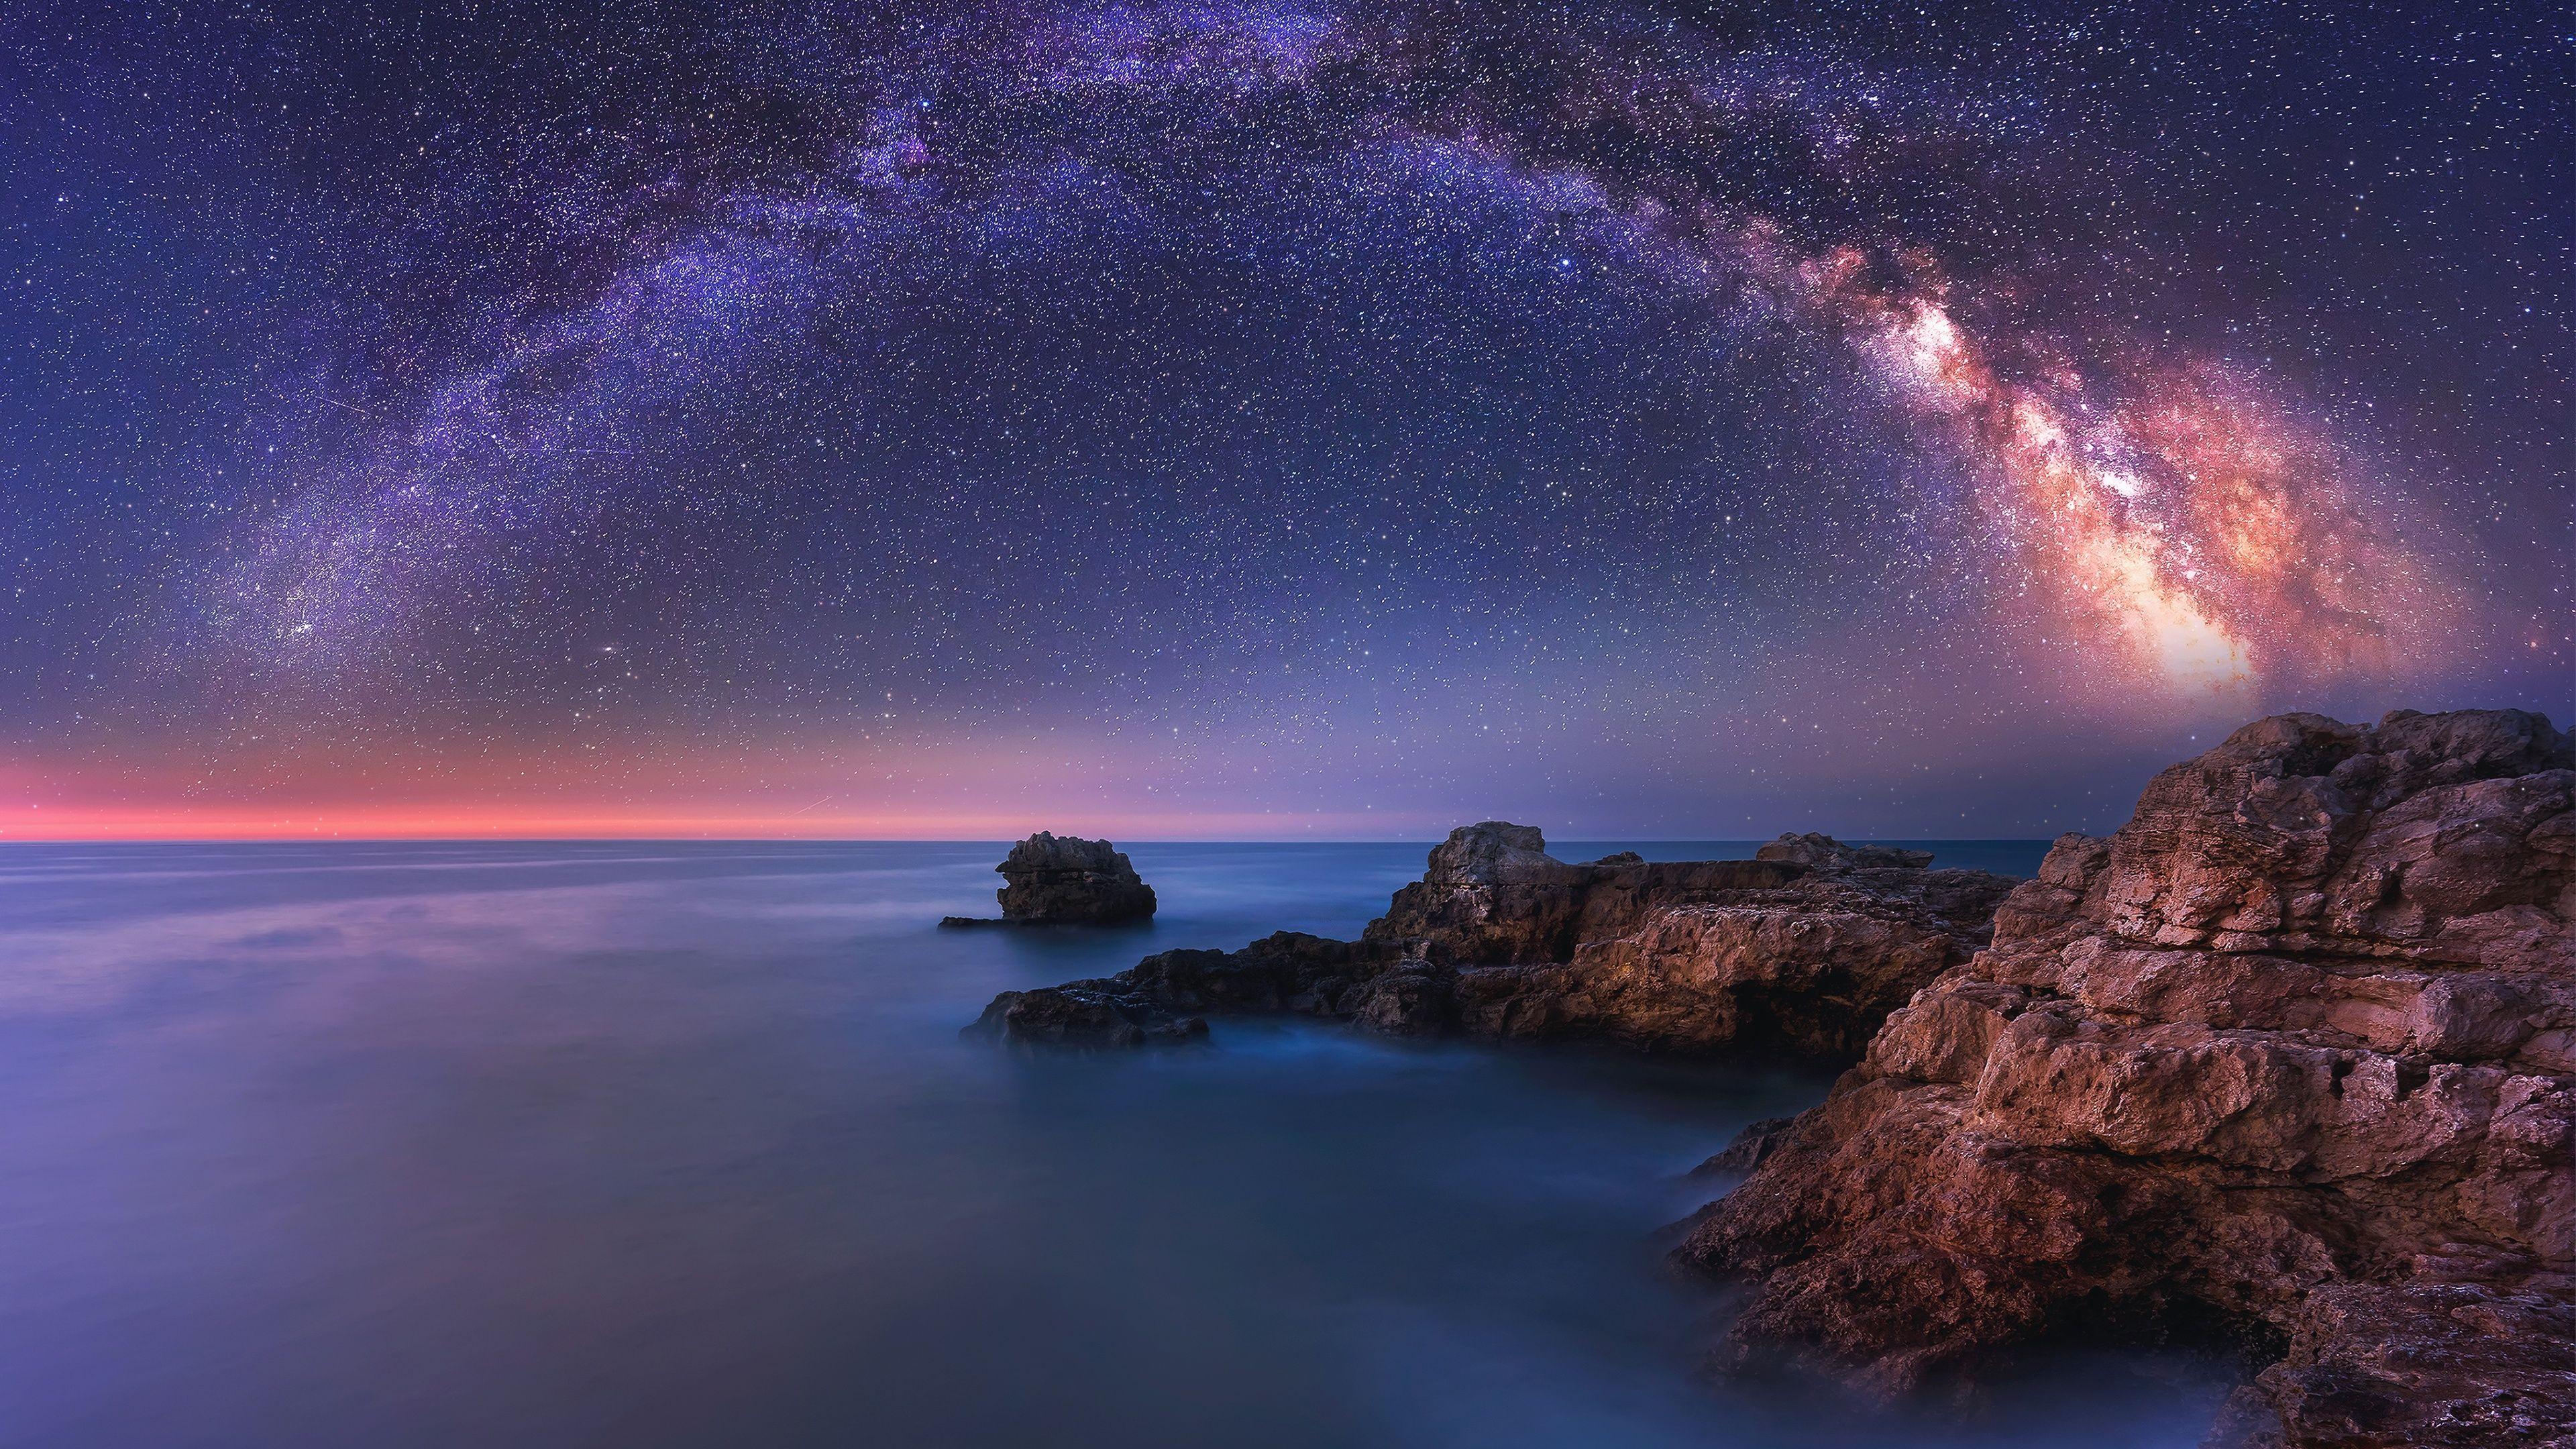 Amazing Milky Way Wallpaper Nature Wallpaper Milky Way Cool